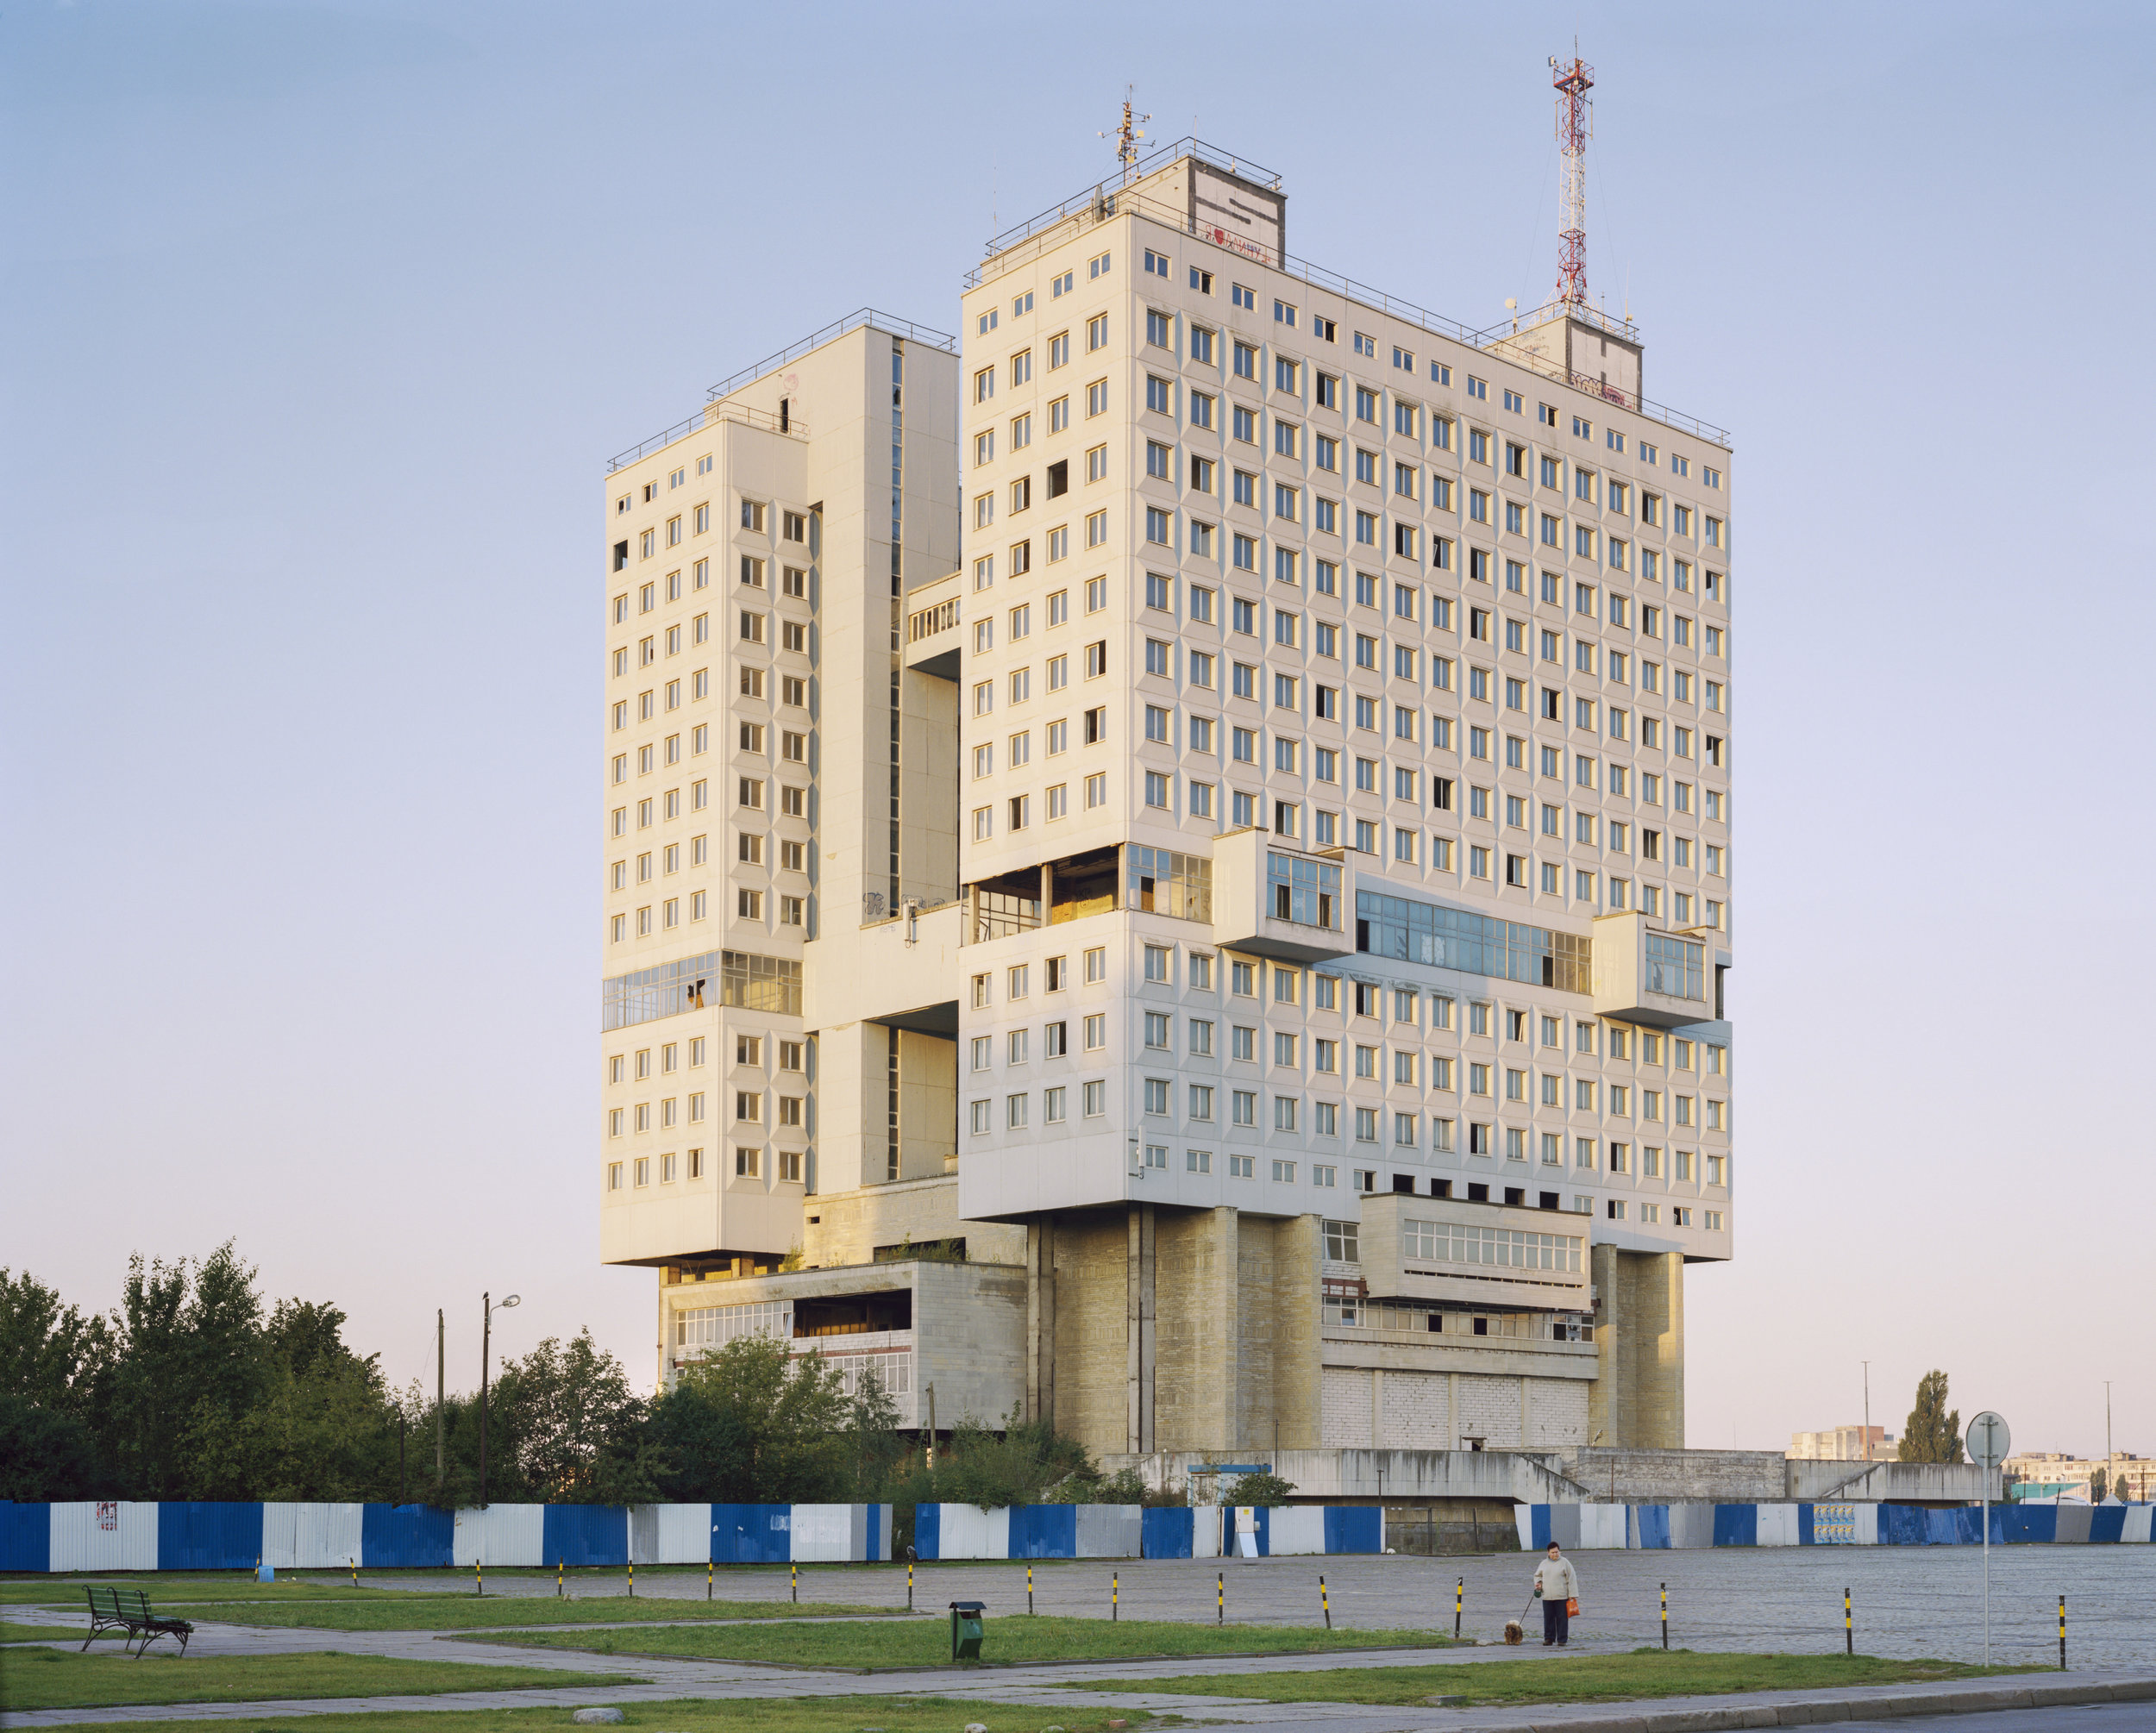 House of Soviets, Kaliningrad